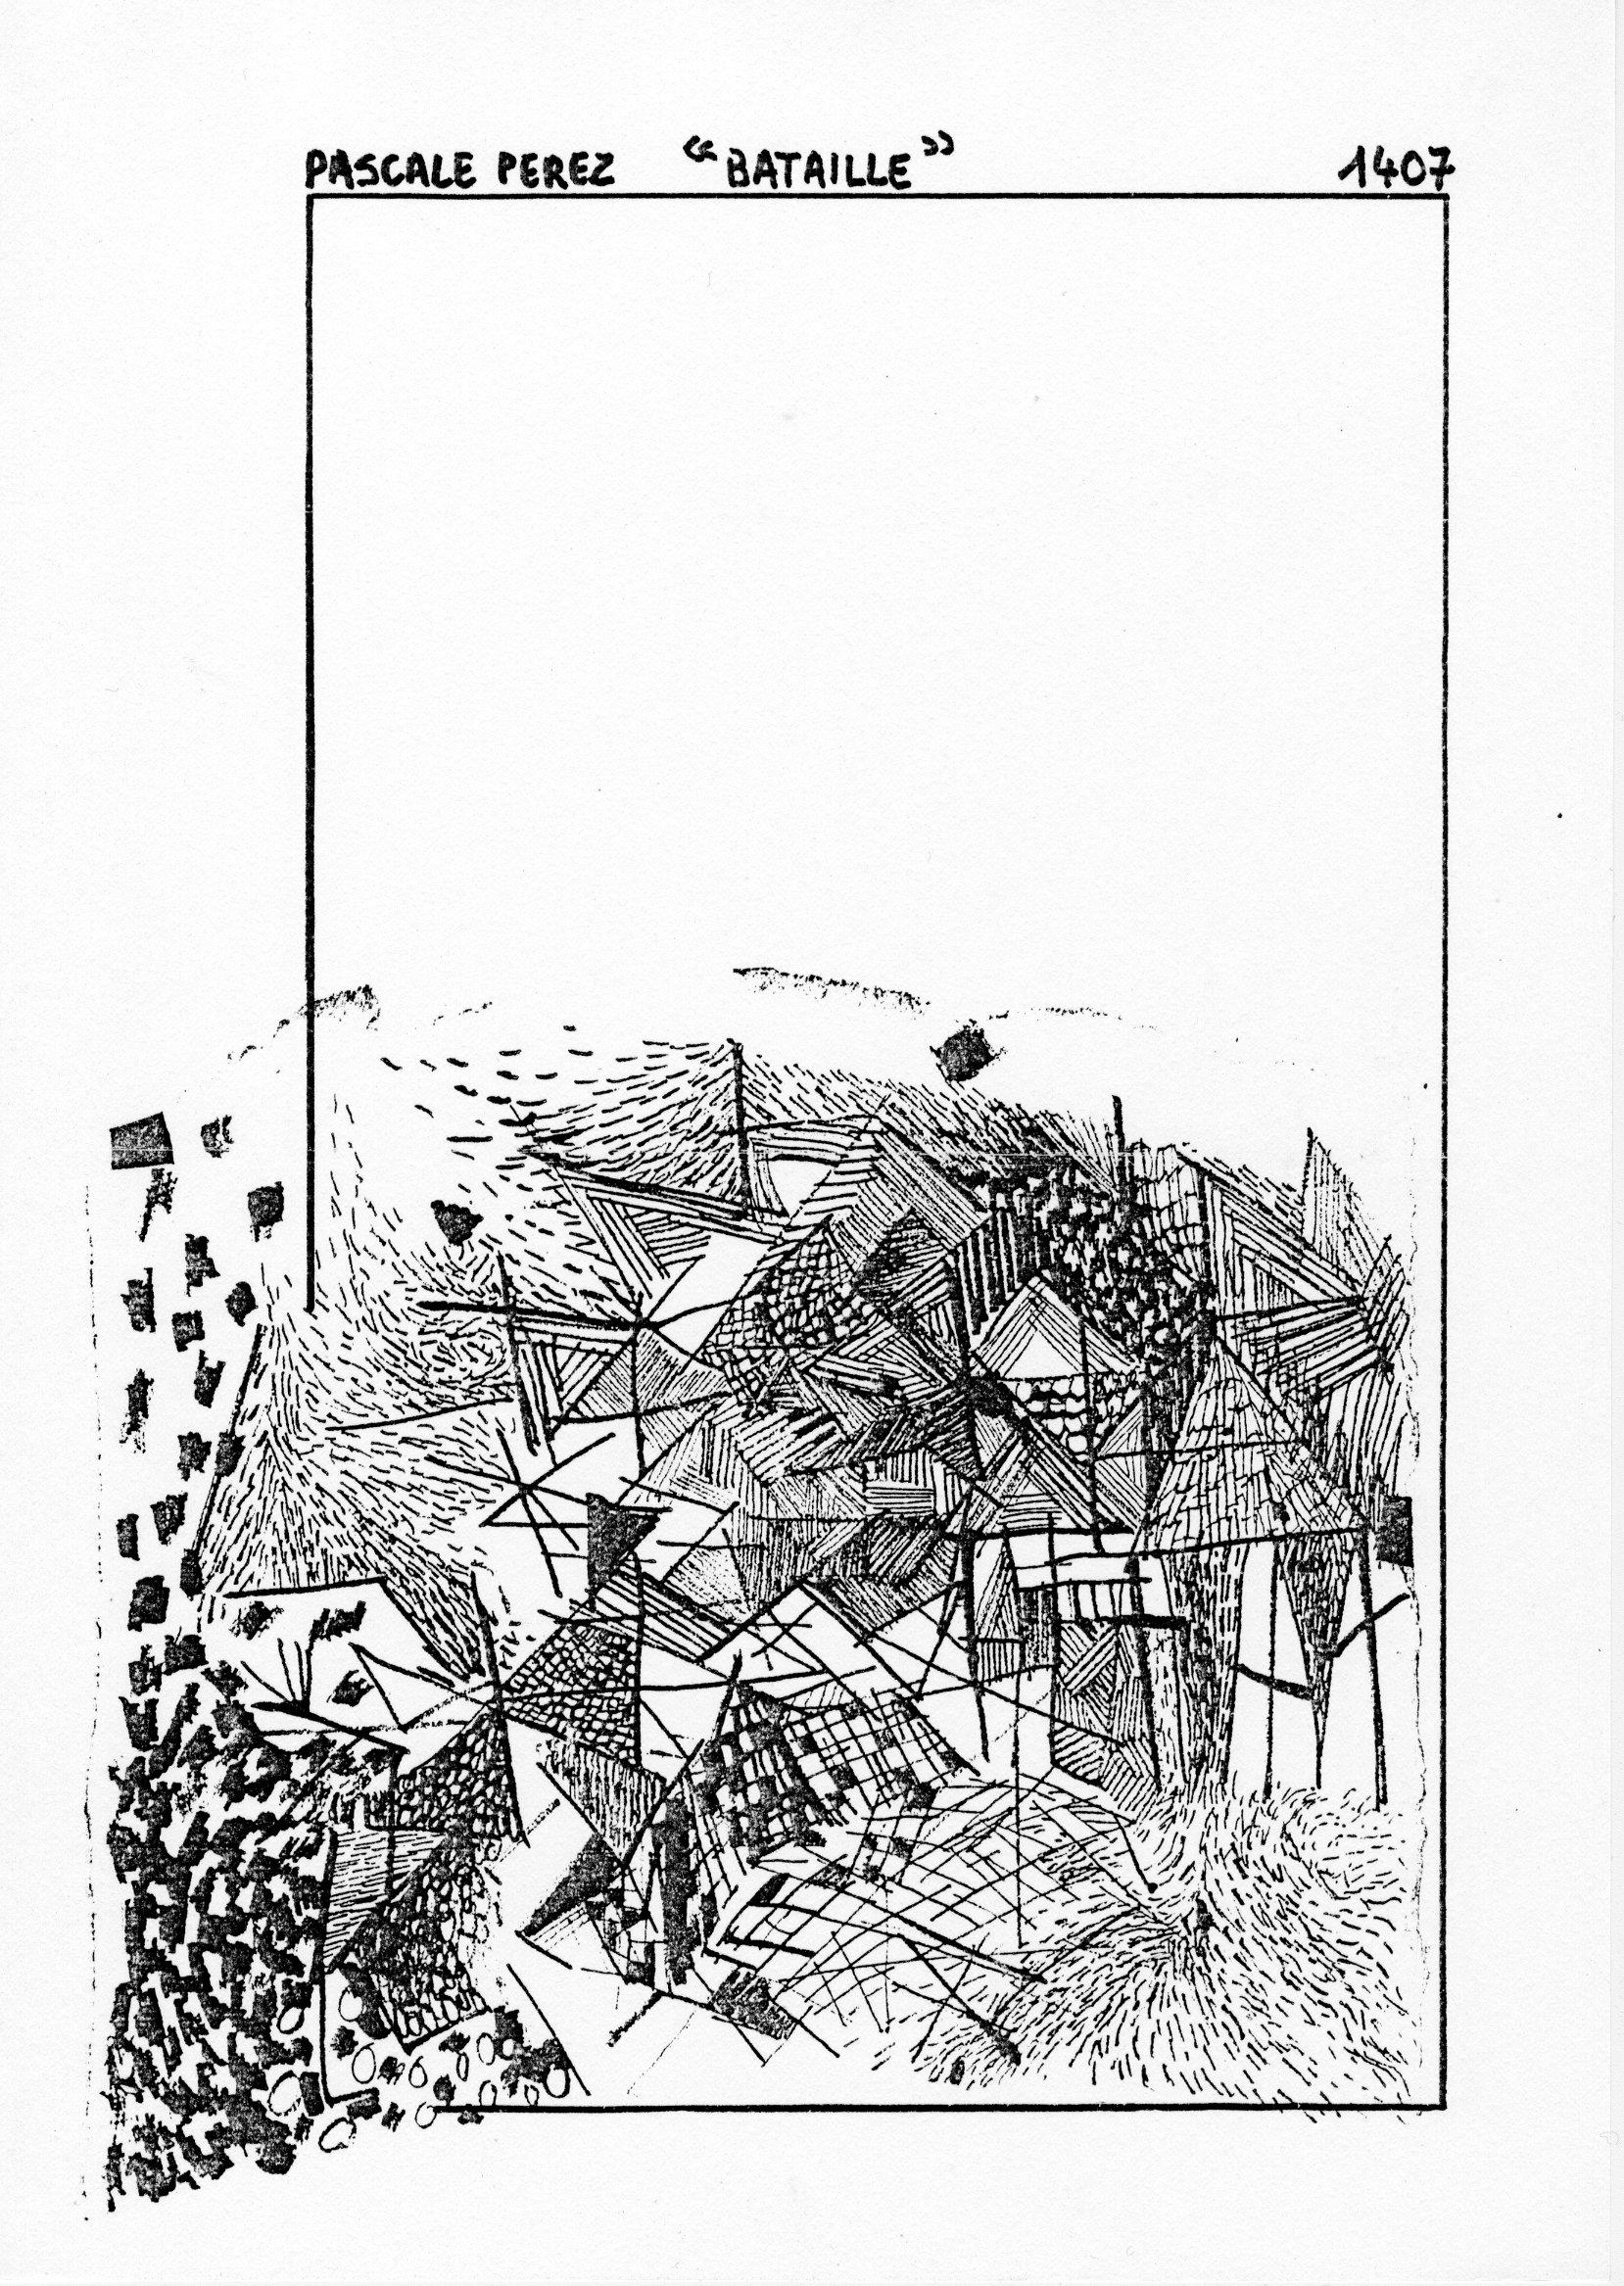 page 1407 P. Pérez BATAILLE